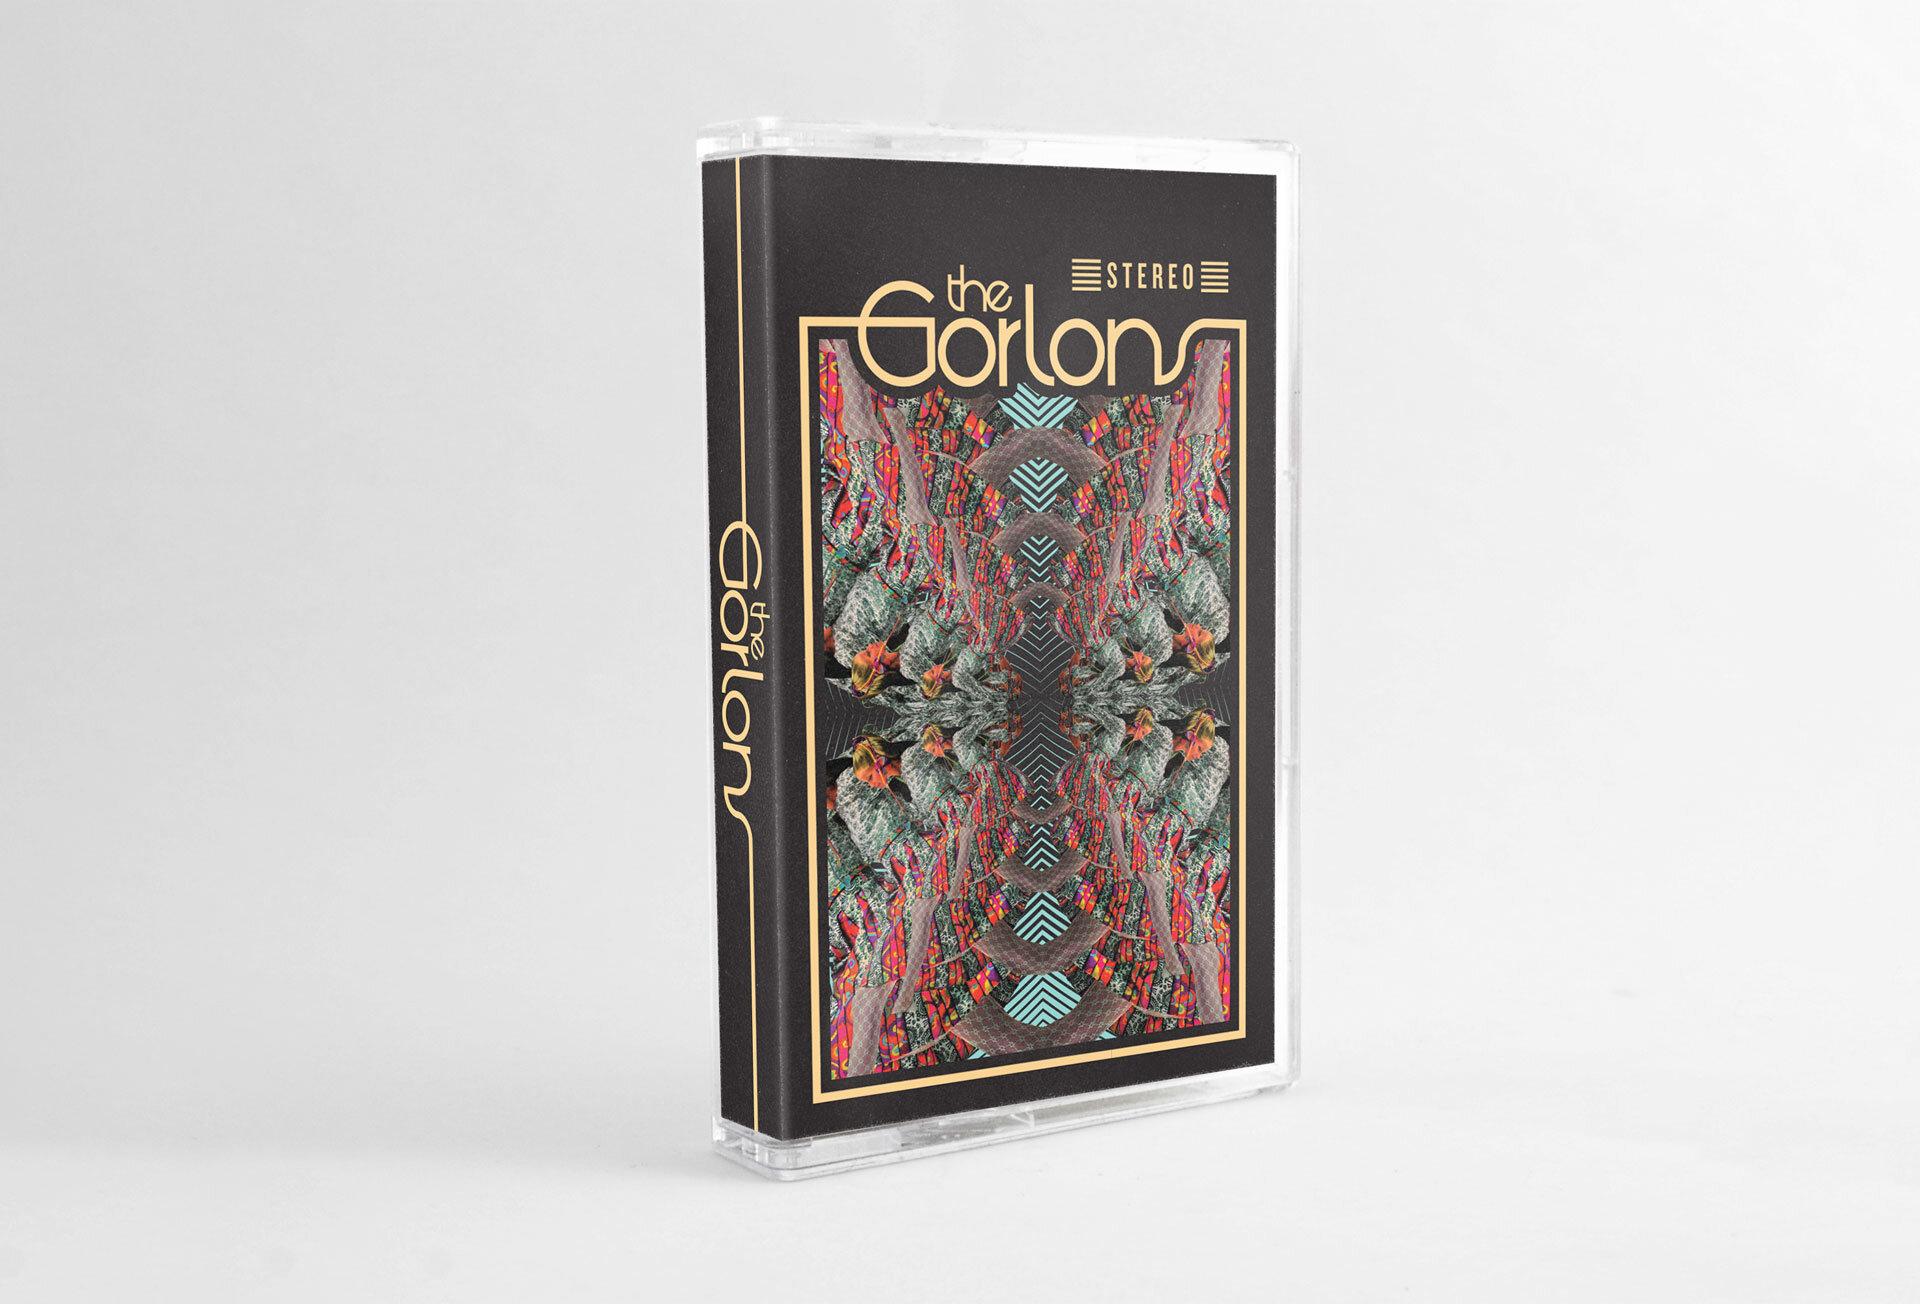 GORLONS-Cassette-Cover.jpg